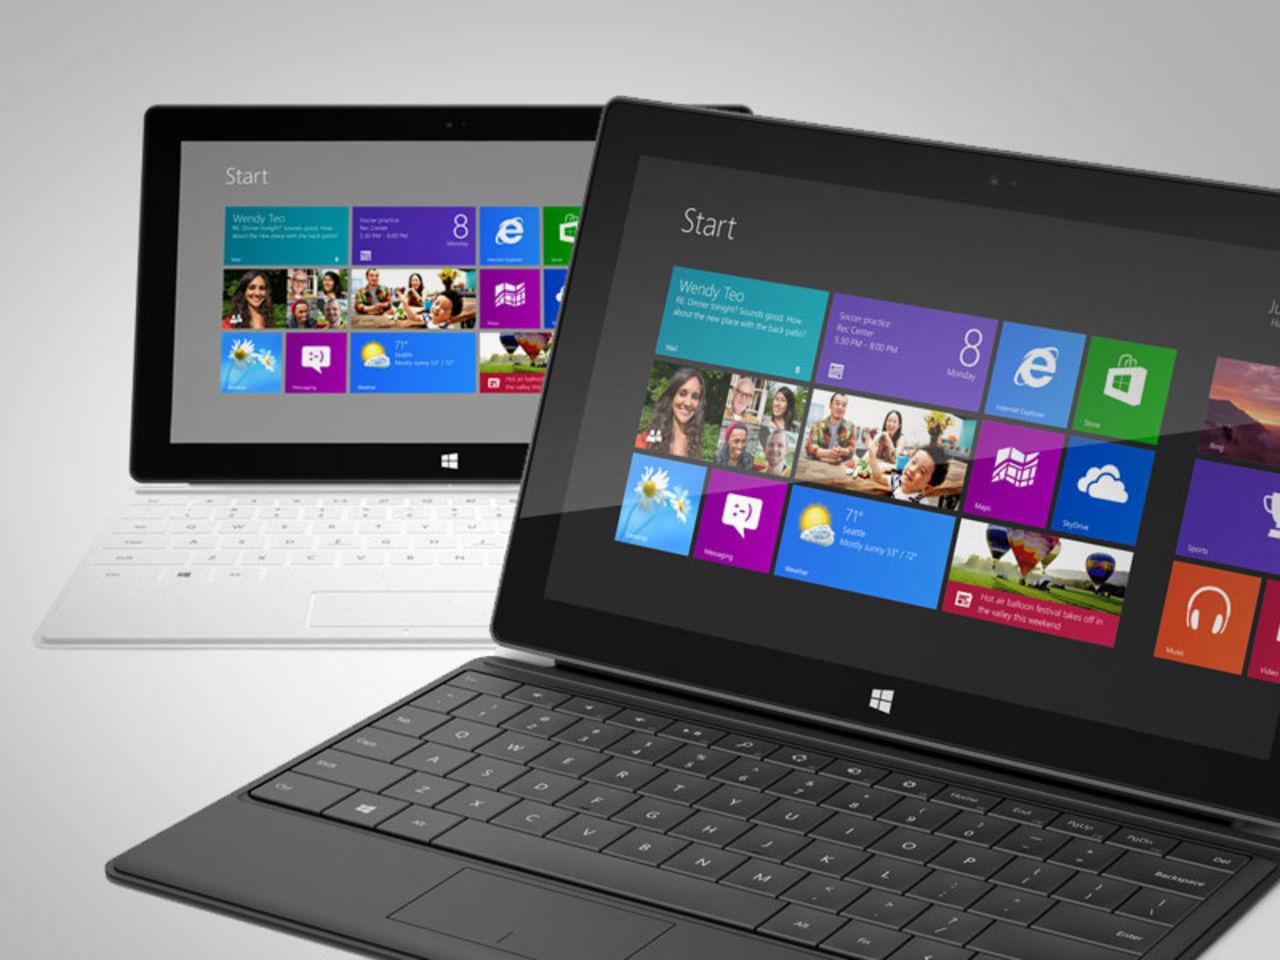 Dieci motivi per scegliere Windows 8